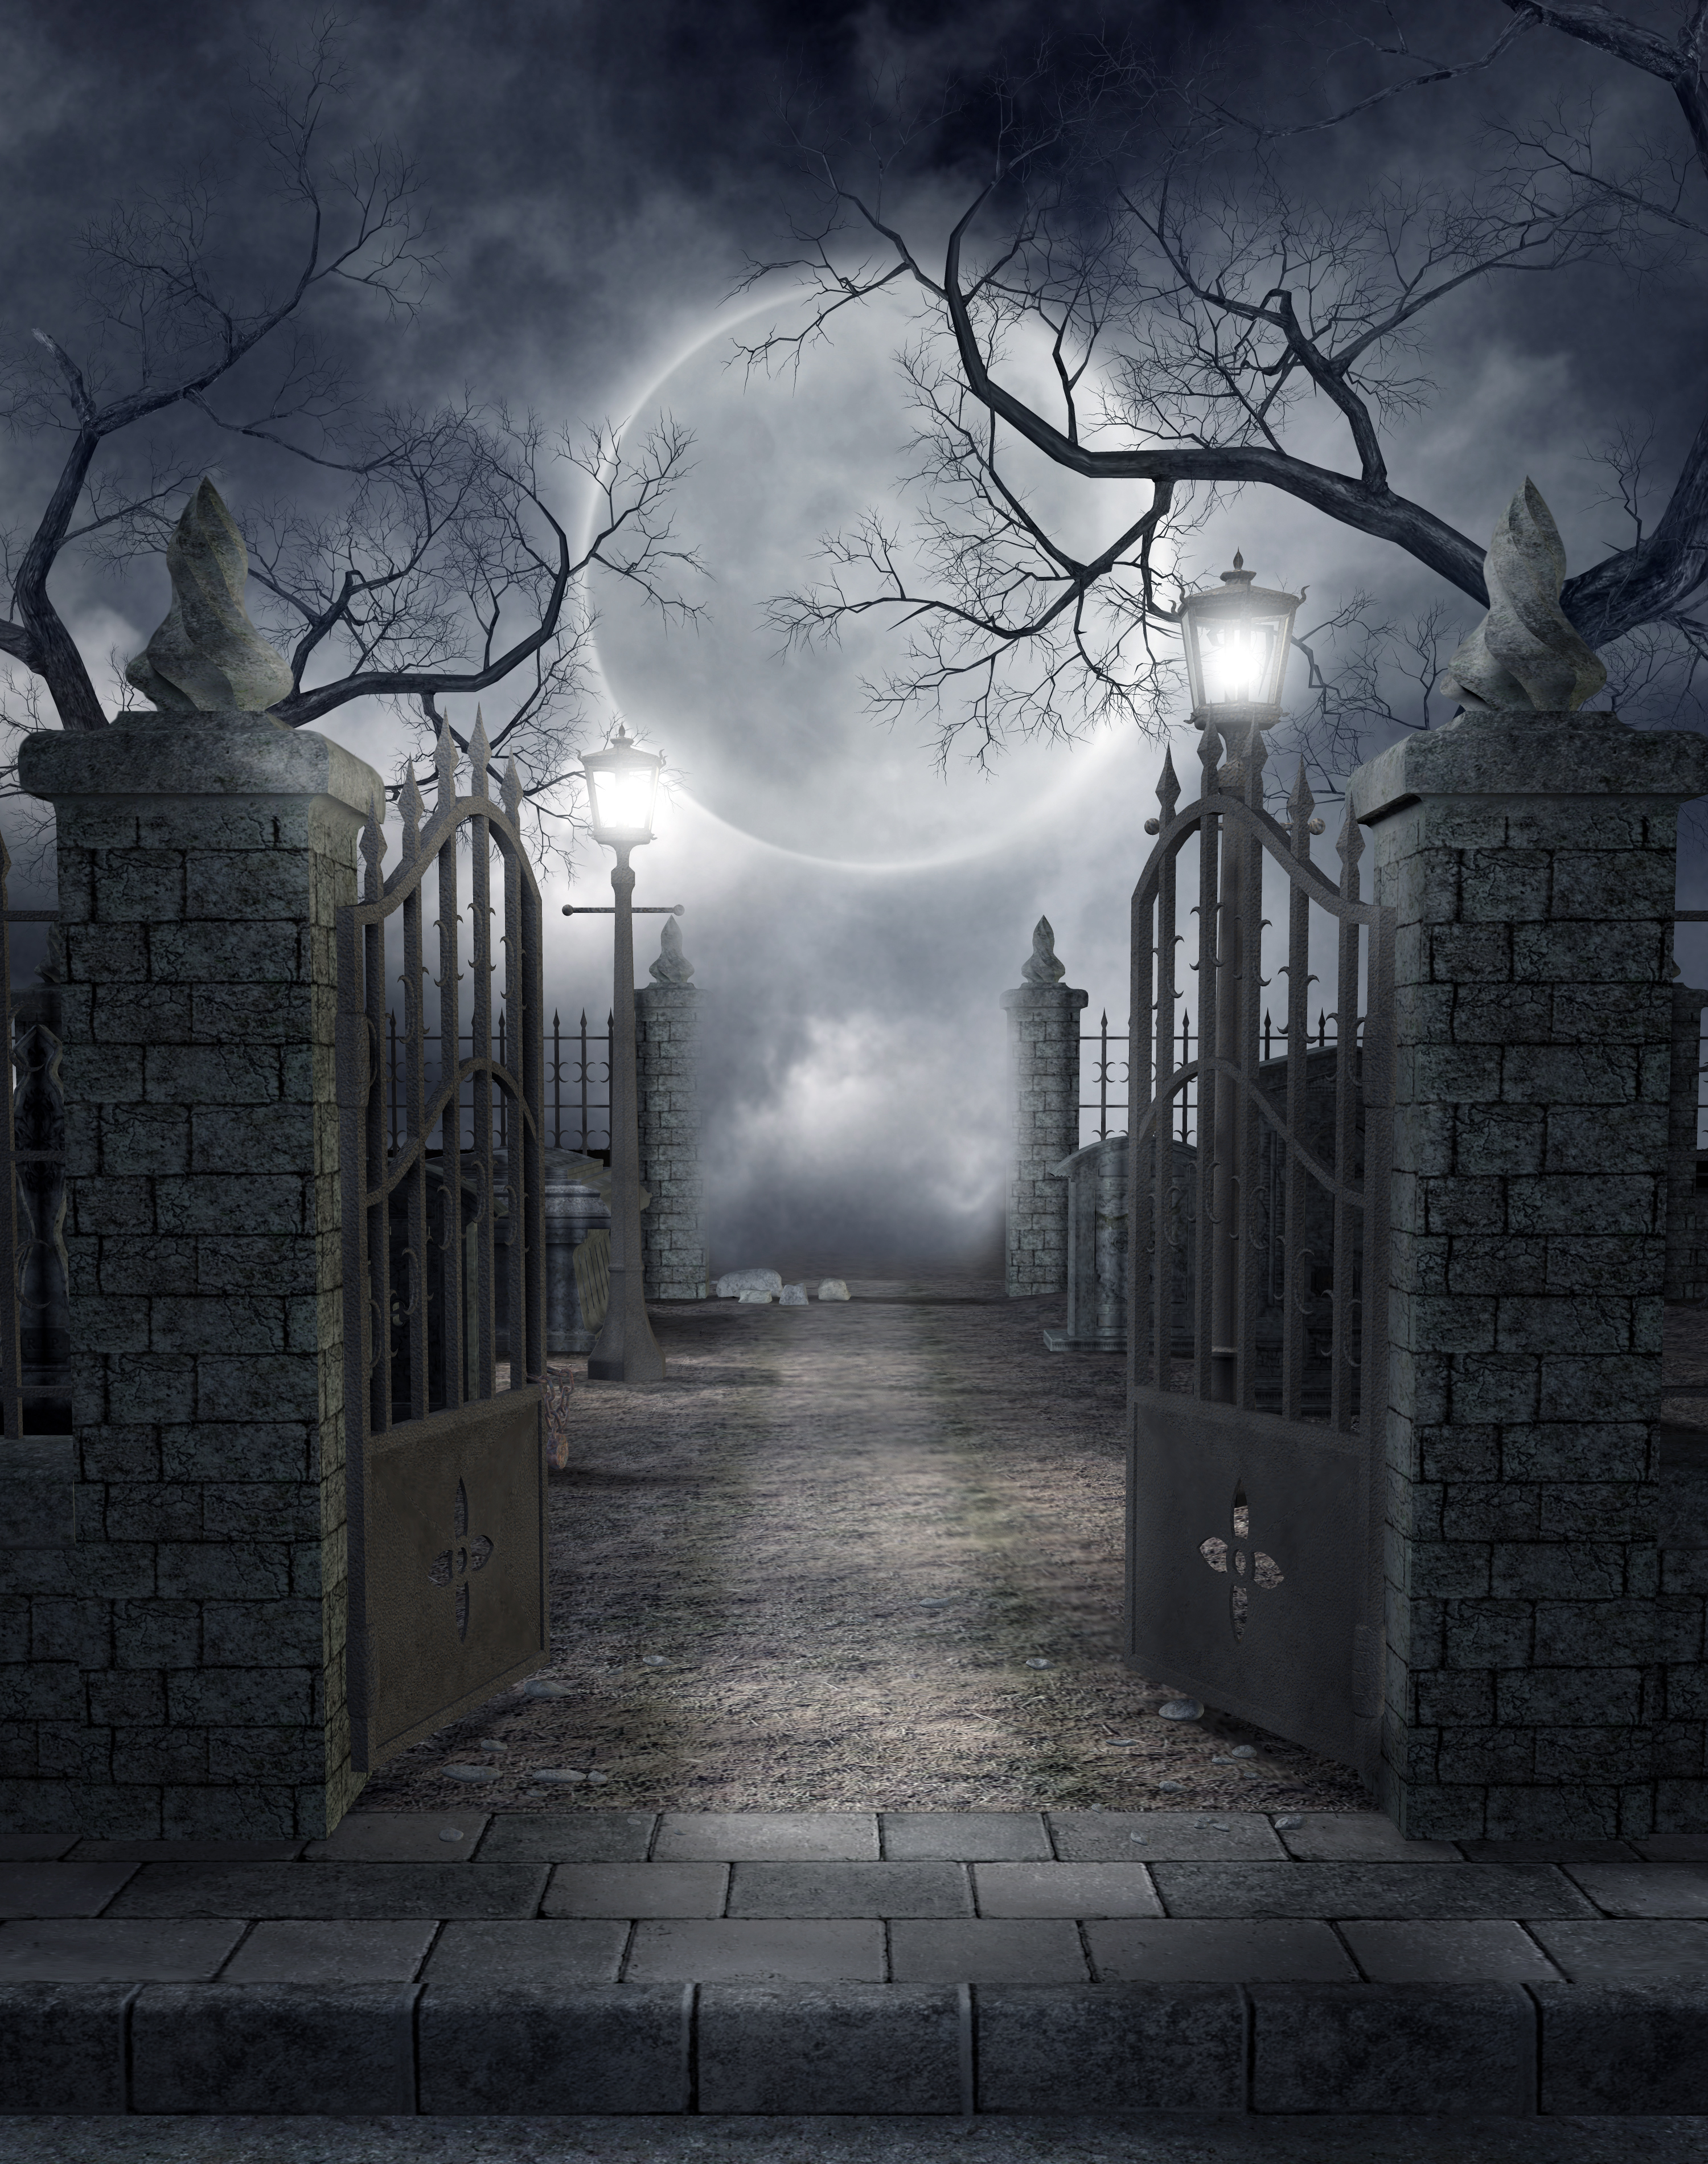 Výsledek obrázku pro strašidelný hřbitov